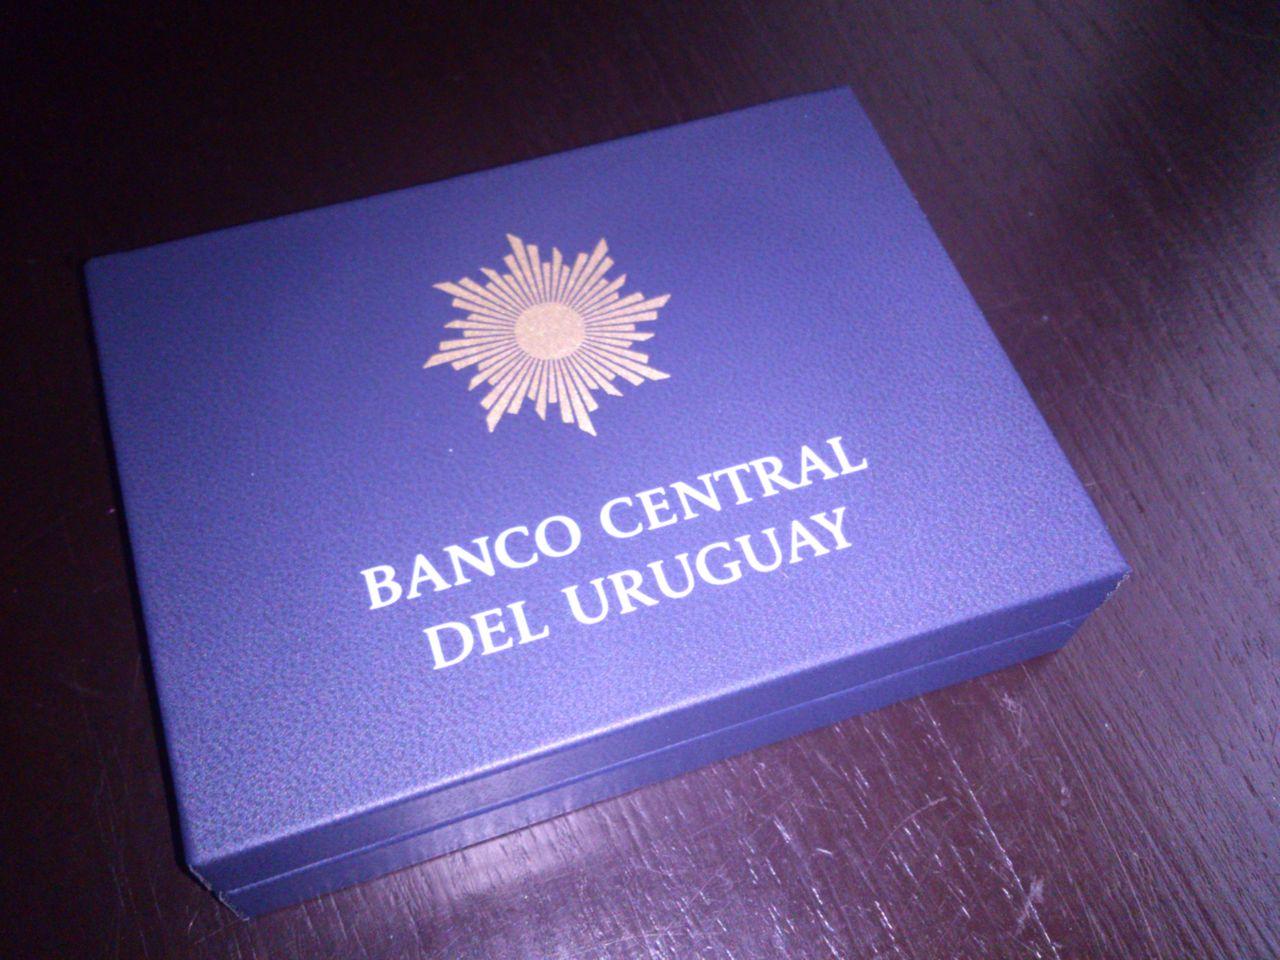 Monedas conmemorativas de Uruguay acuñadas en plata 1961 - Presente. DSC_8954